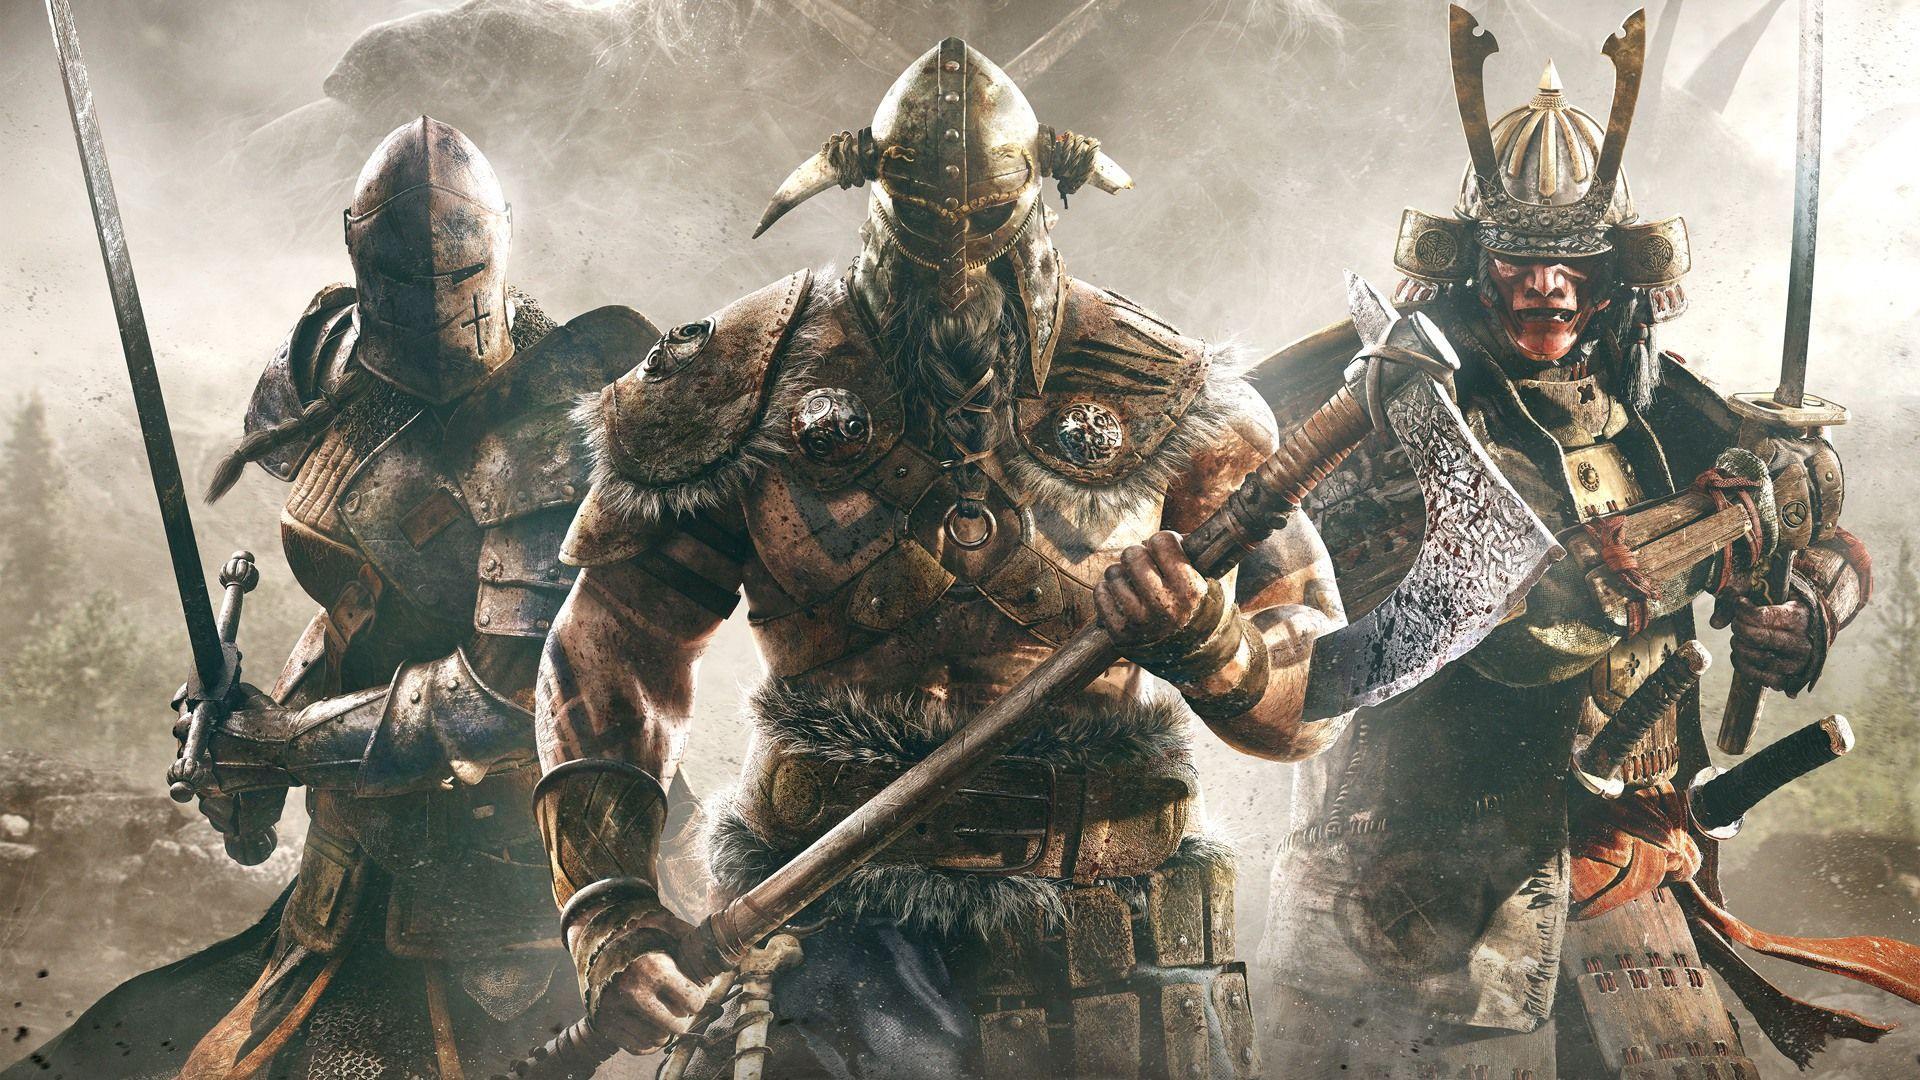 Vikings And Knights At War Wallpapers Top Free Vikings And